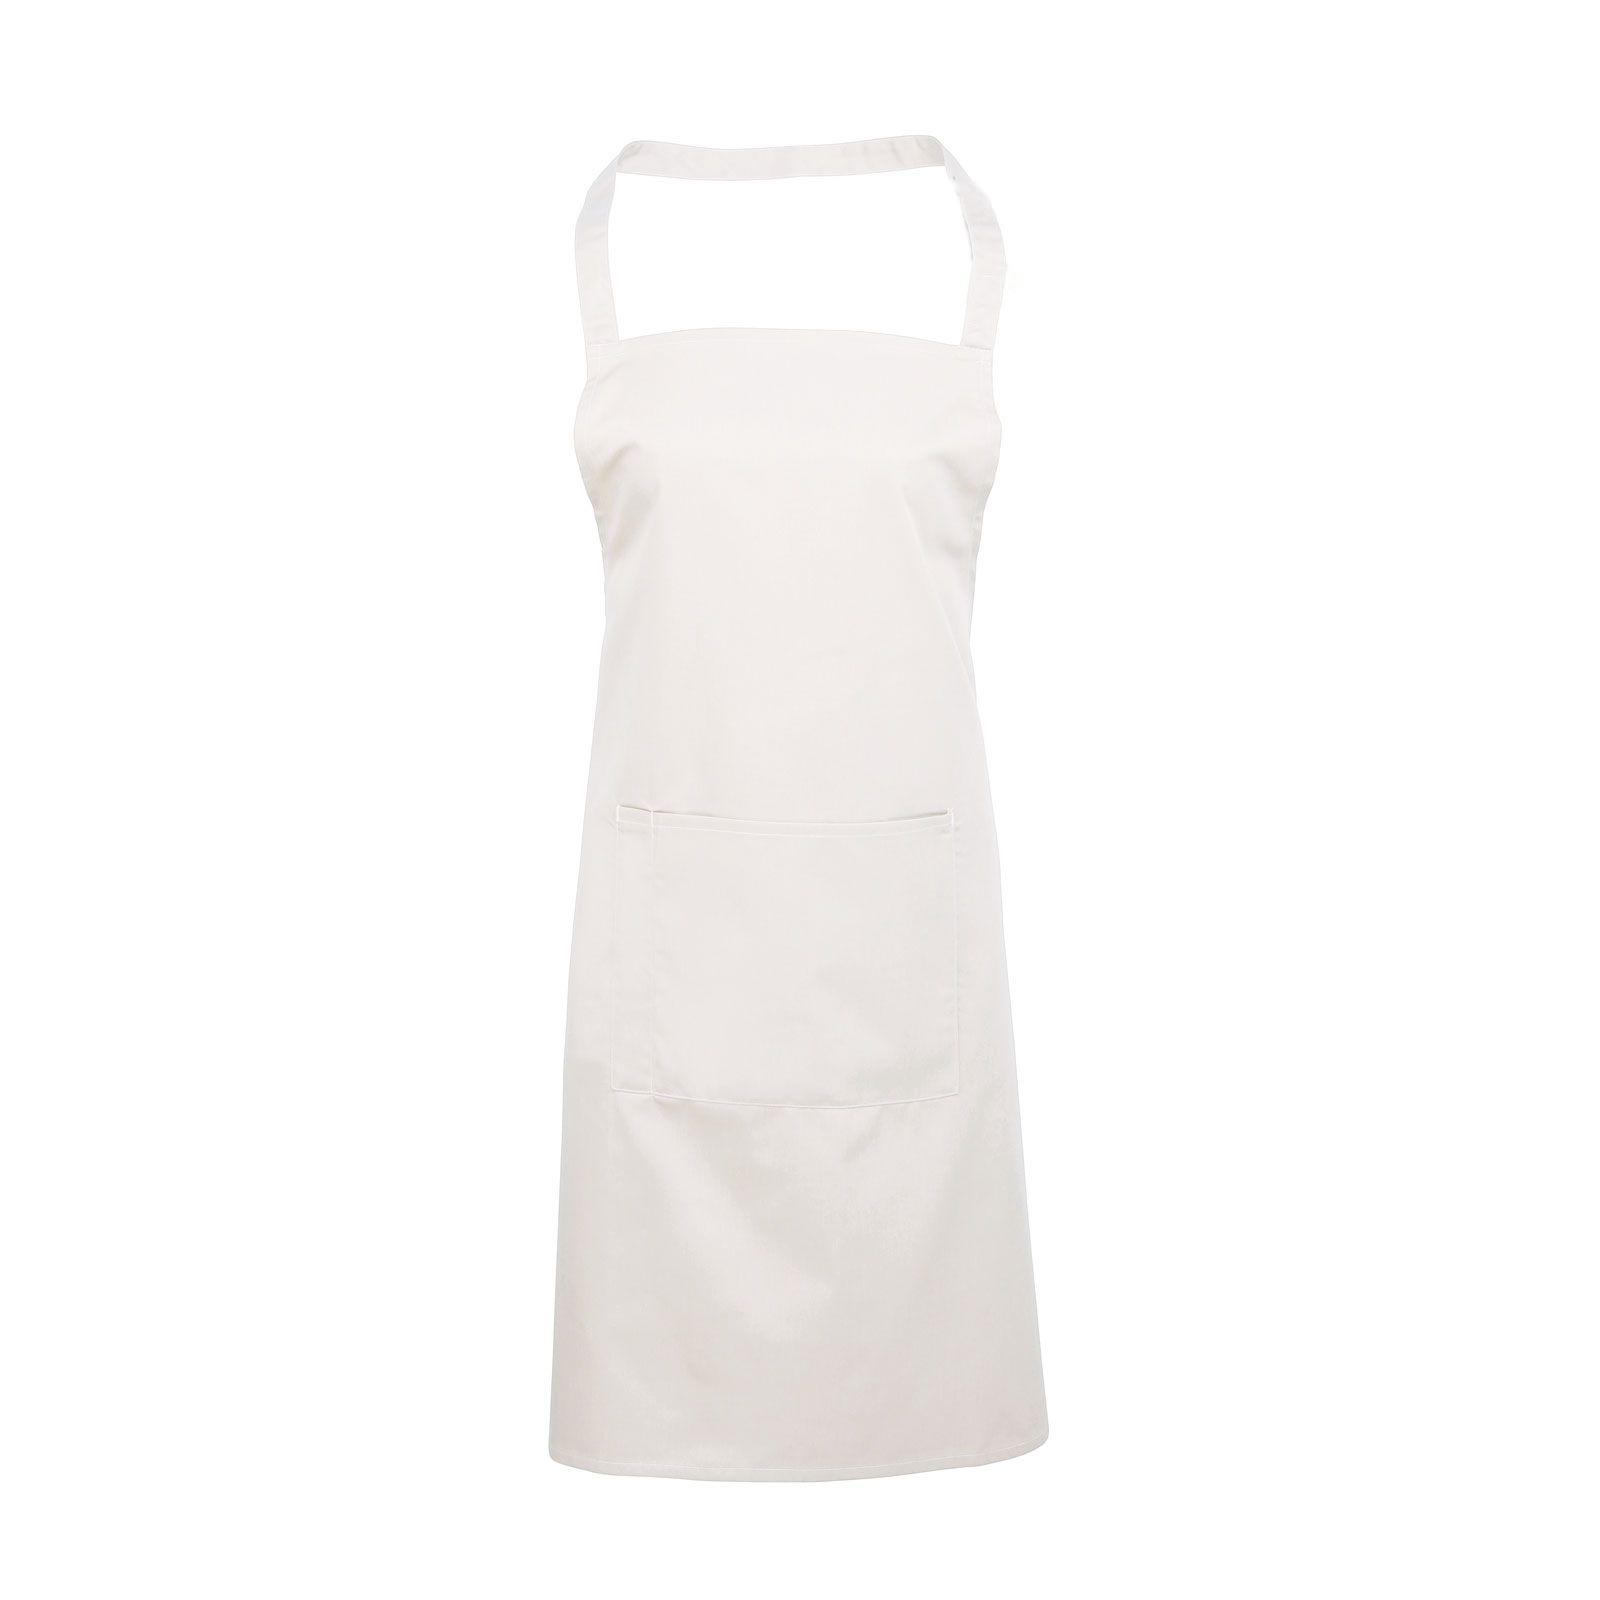 Buy white apron nz - Buy White Apron Nz 8